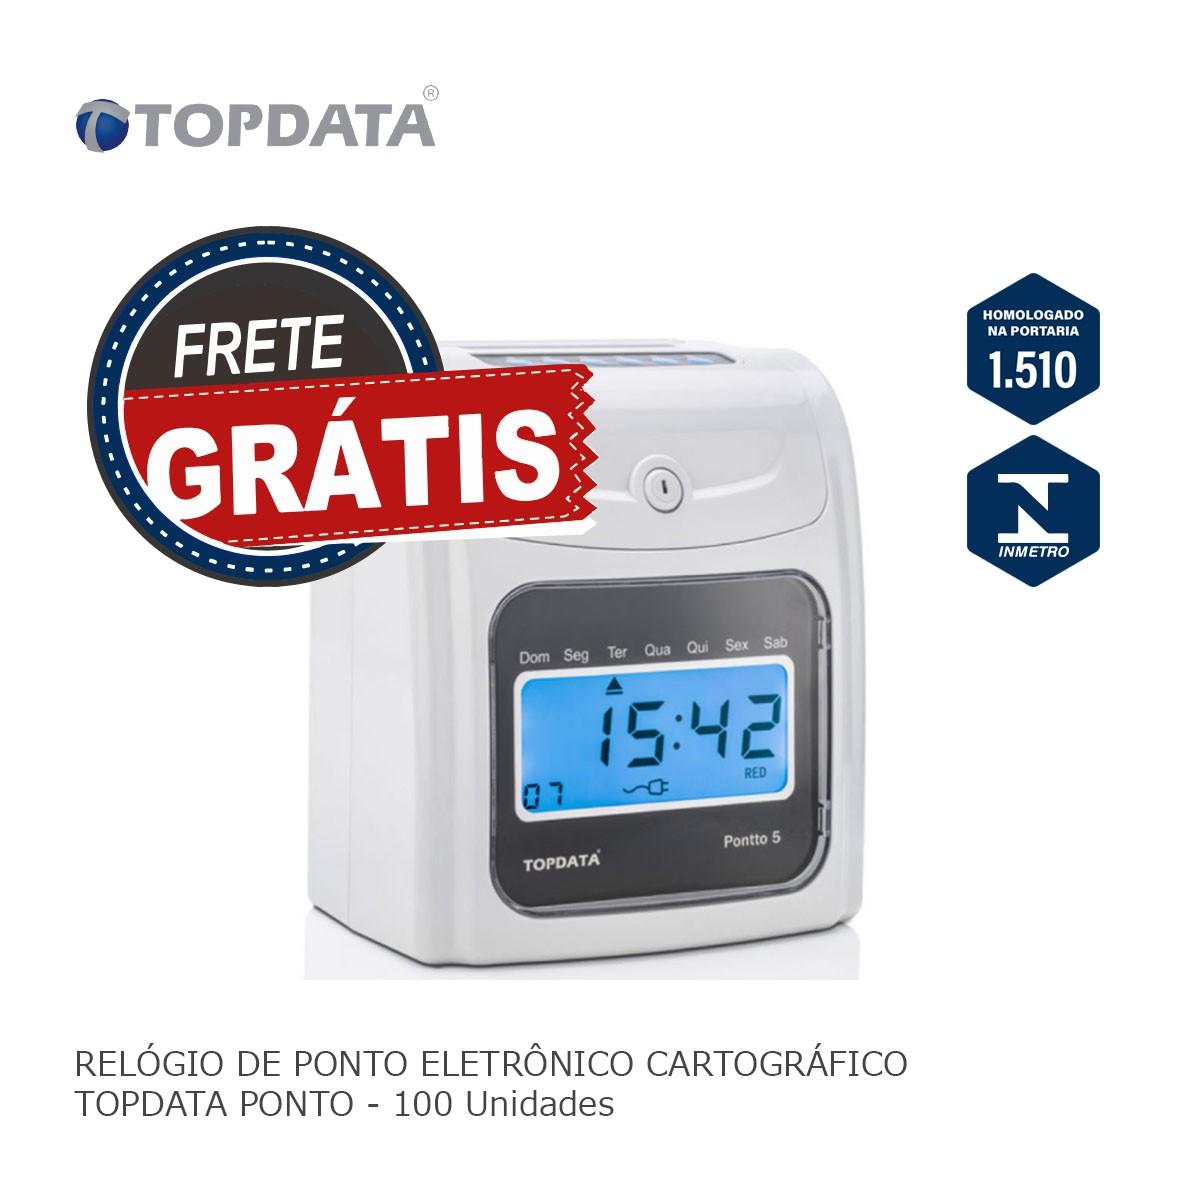 Relógio de Ponto Eletrônico Cartográfico Topdata Pontto 5 + Cartão 100 Und